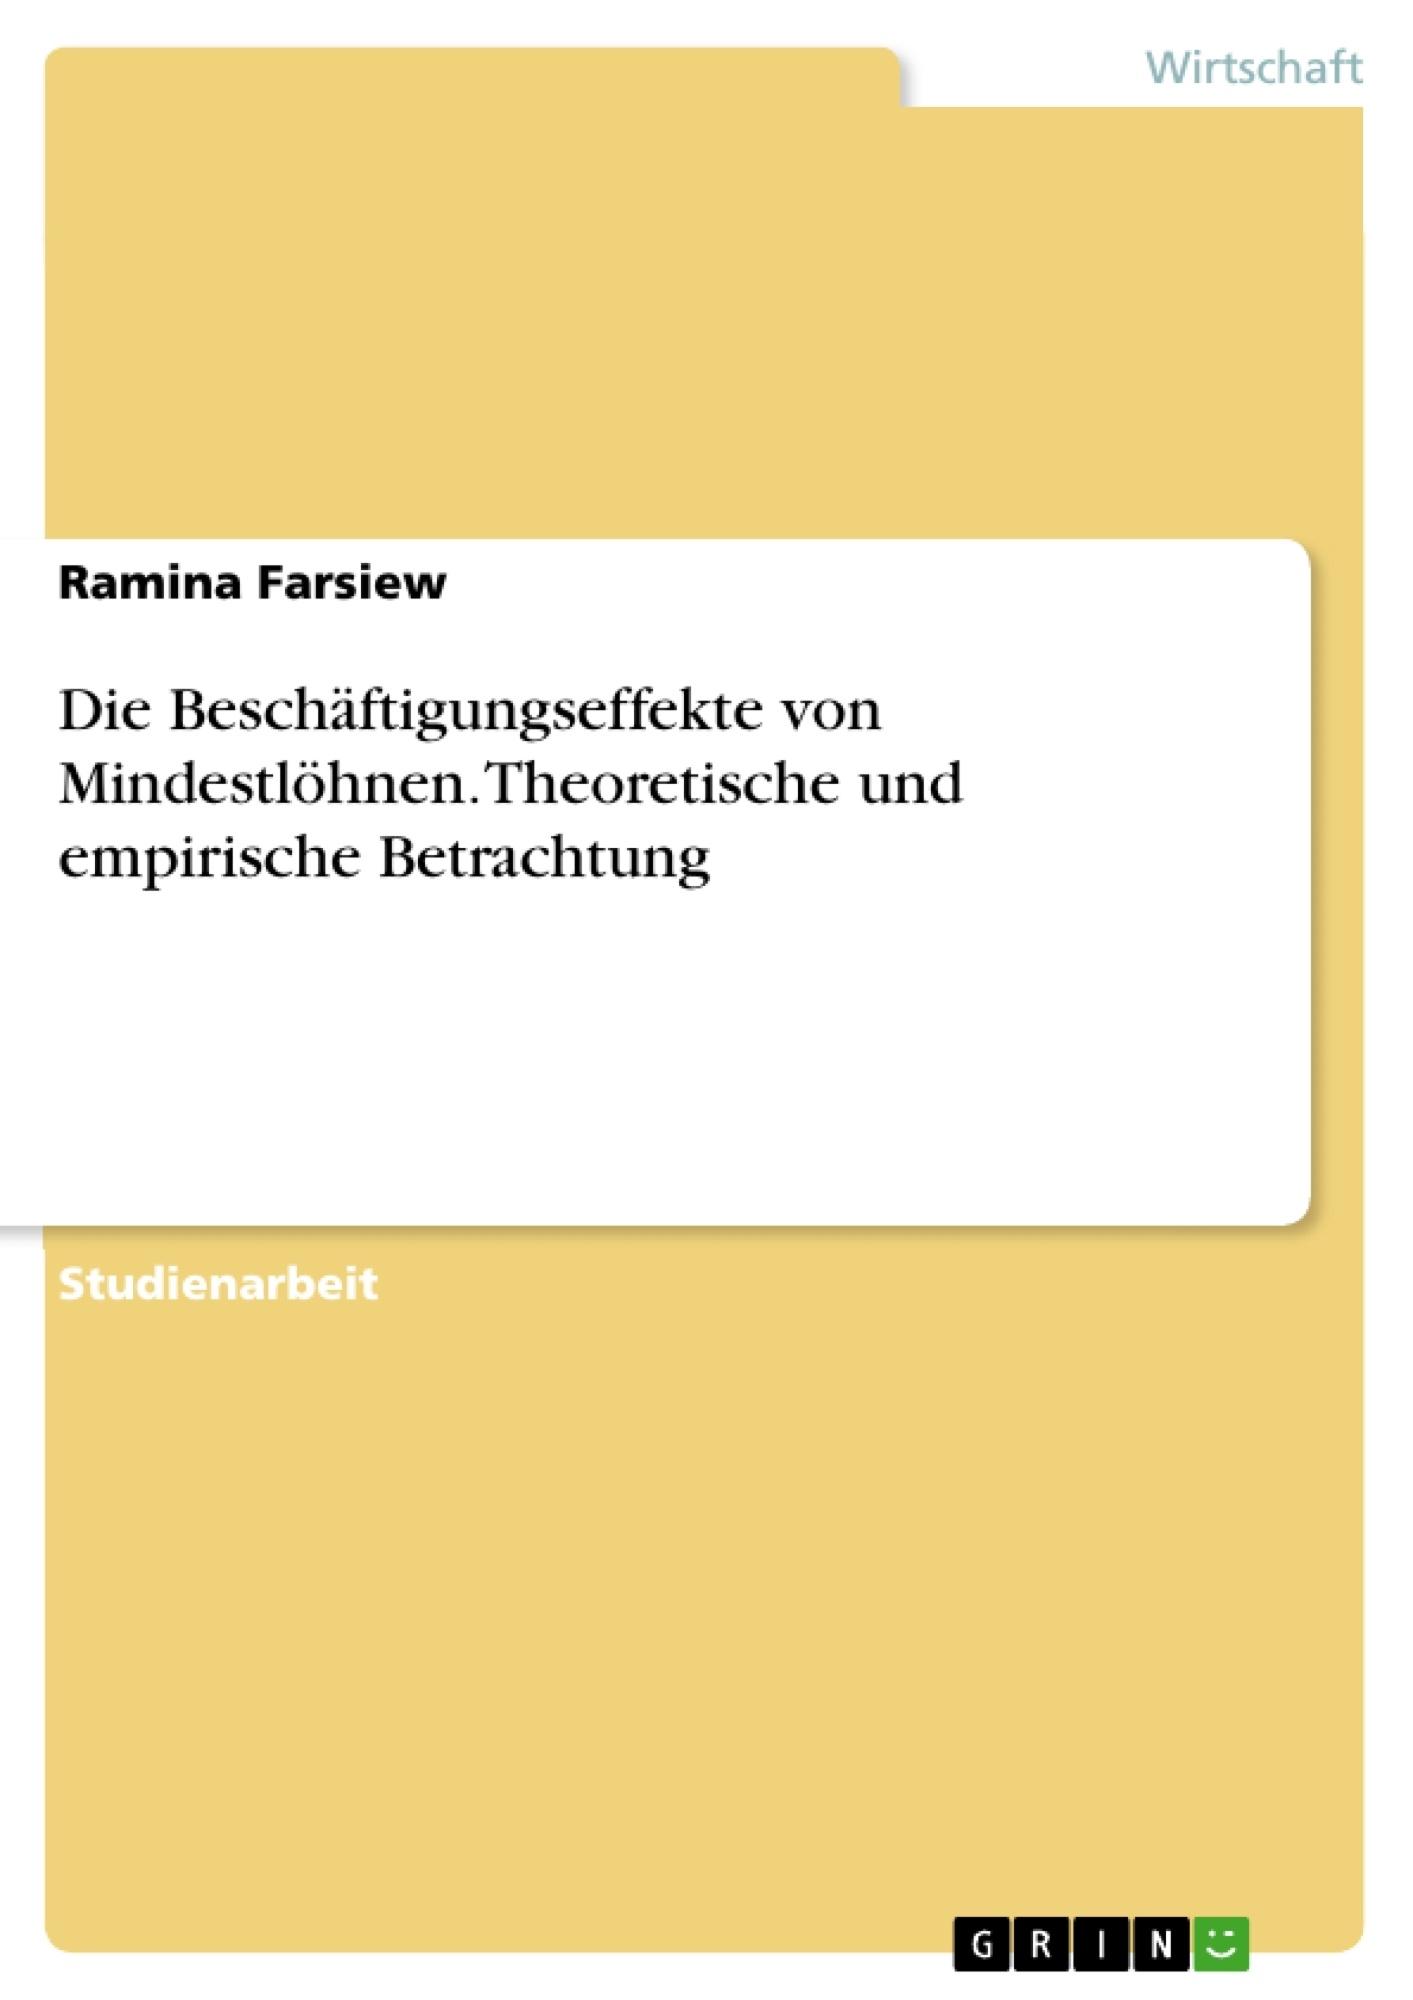 Titel: Die Beschäftigungseffekte von Mindestlöhnen. Theoretische und empirische Betrachtung